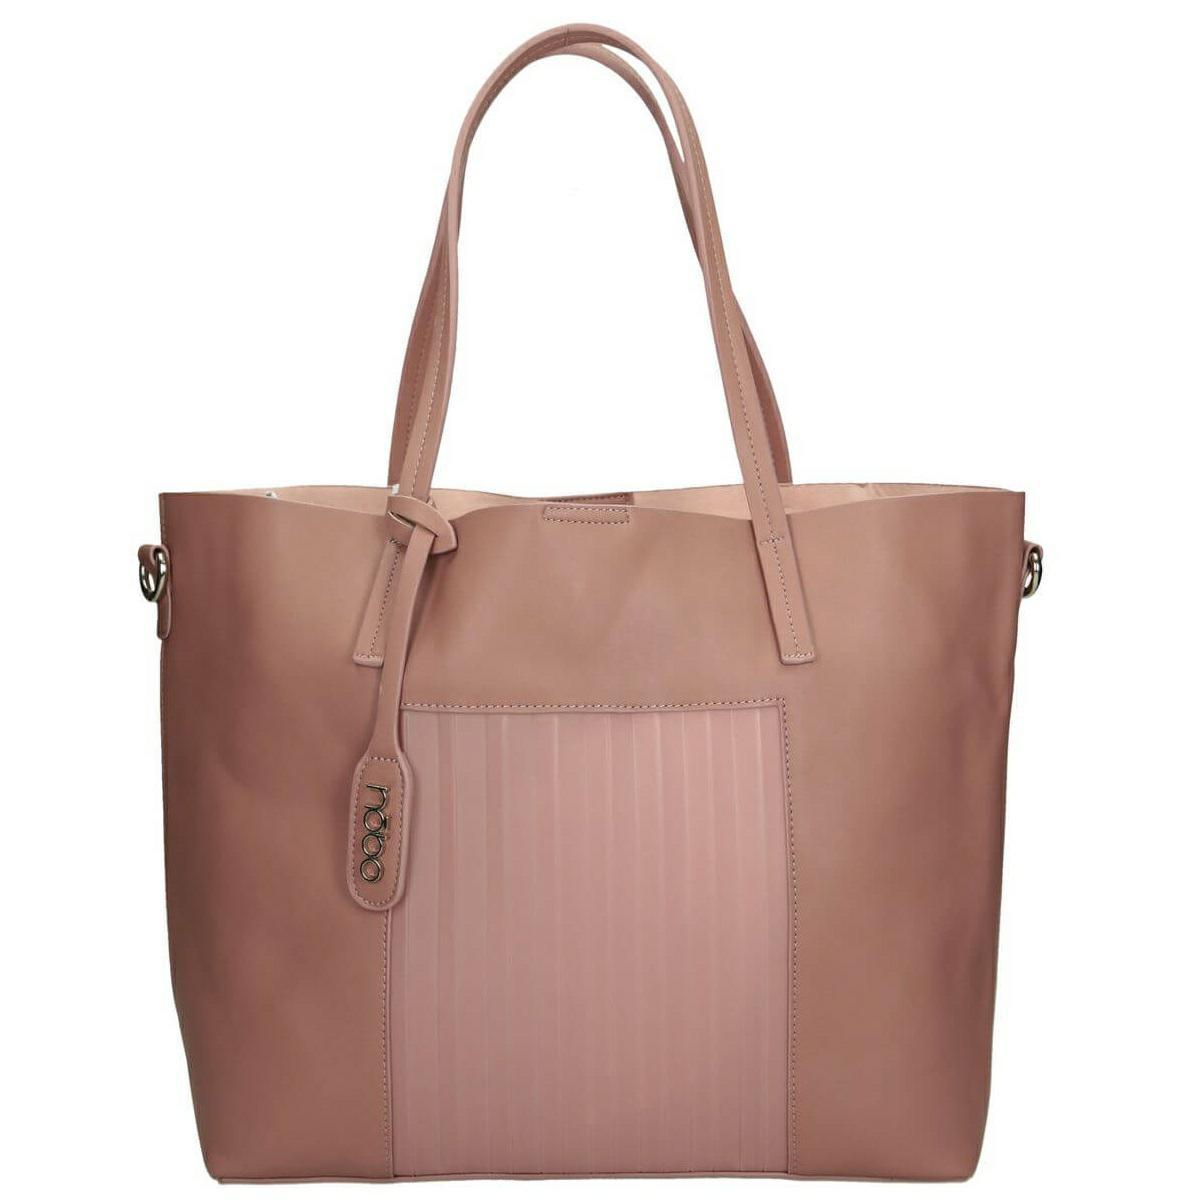 Nobo Woman's Bag NBAG-I1110-C004